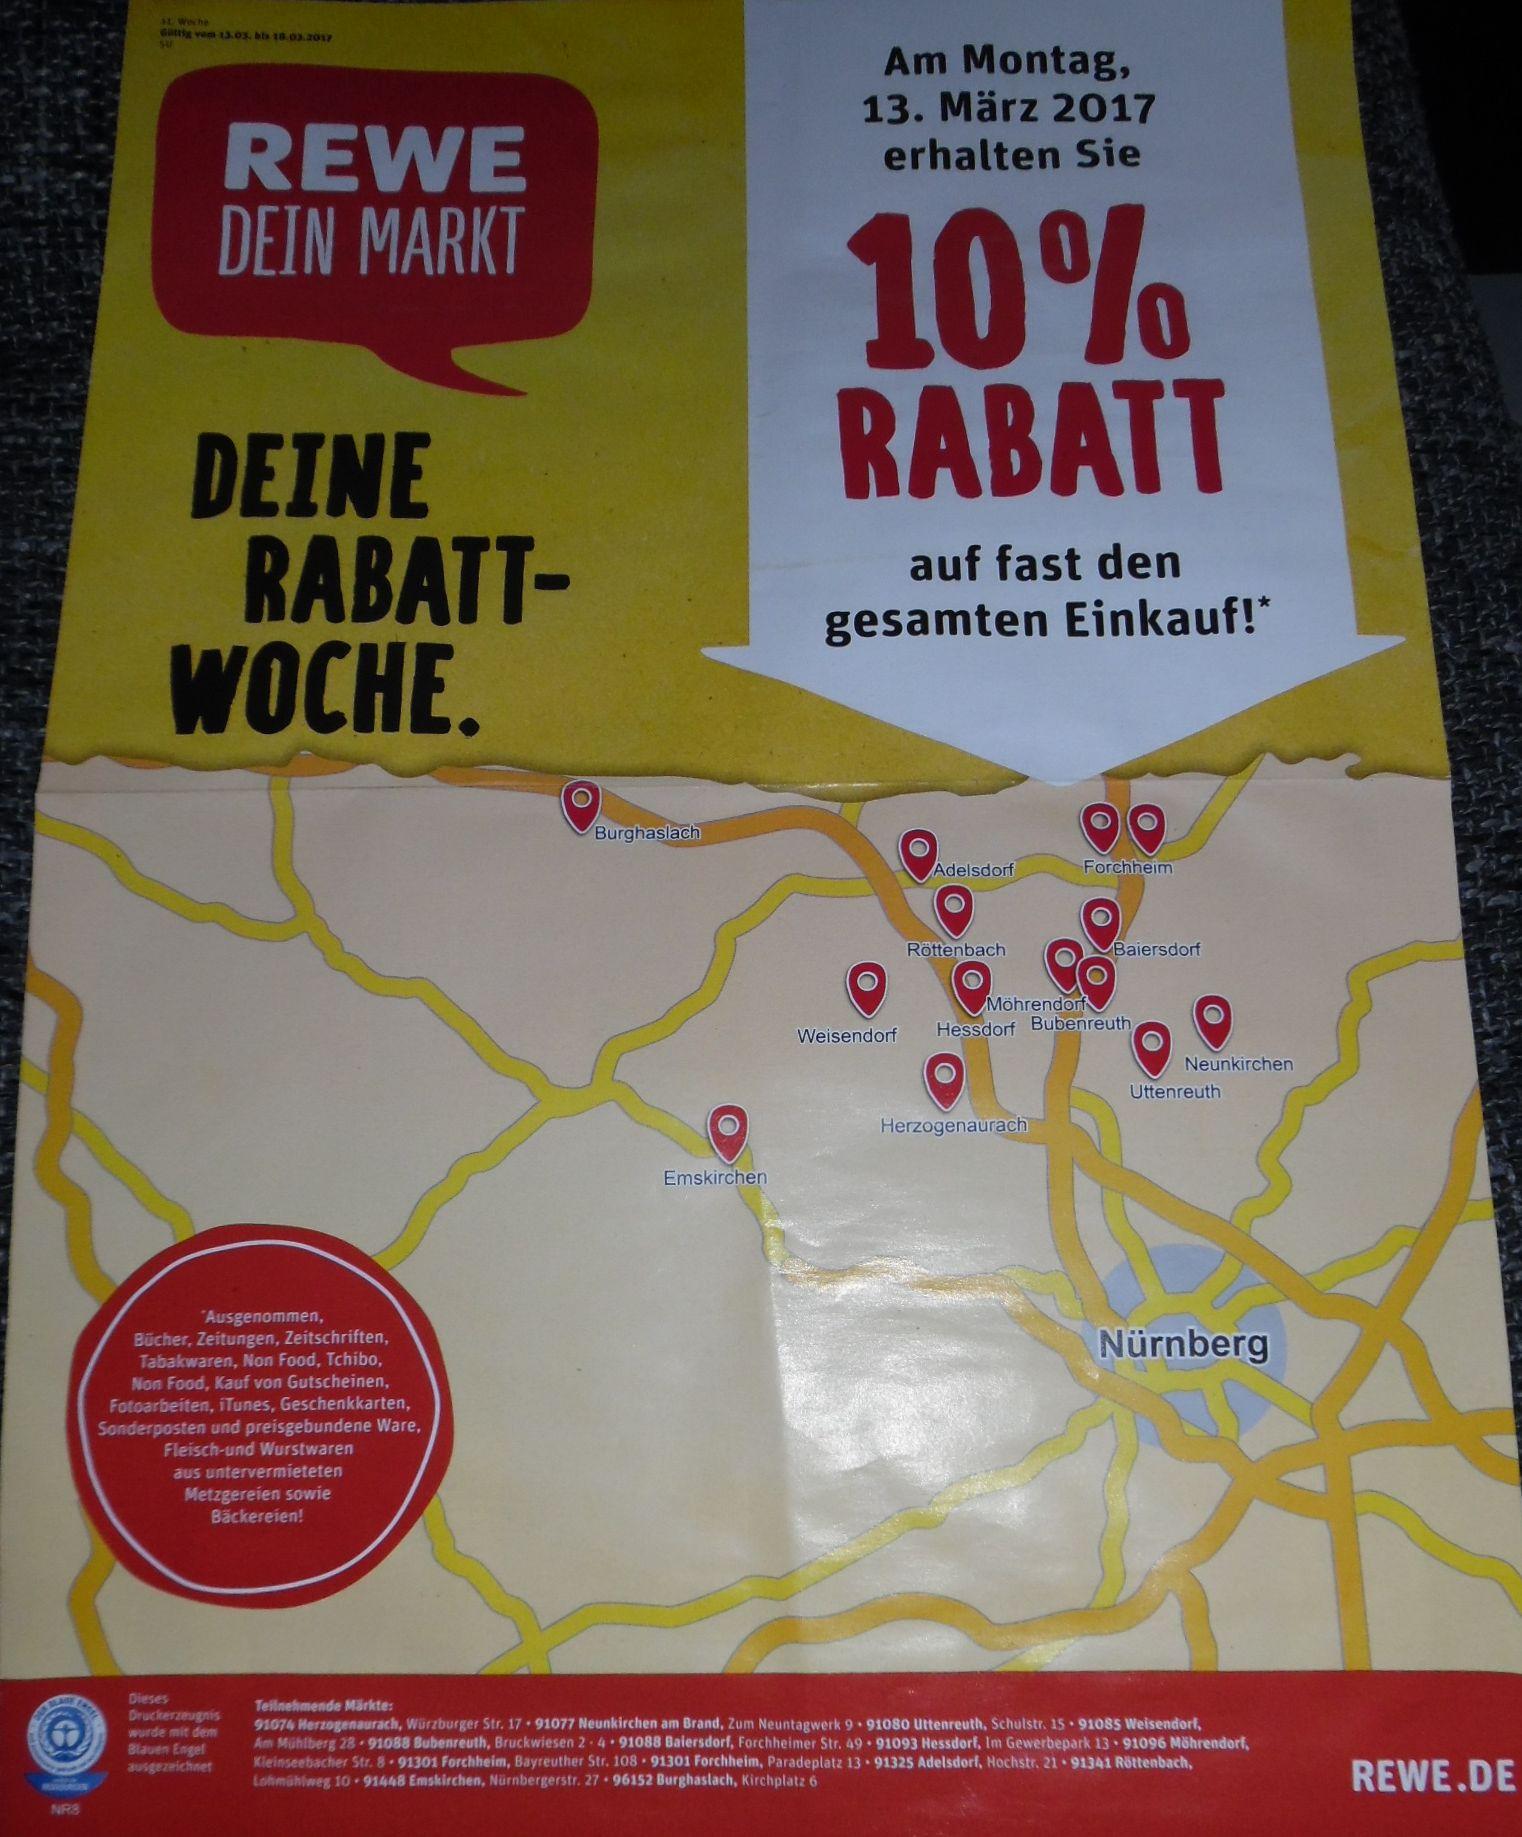 Lokal 10% Rabatt bei REWE im Landkreis Erlangen/Höchstadt und 10fach Payback möglich